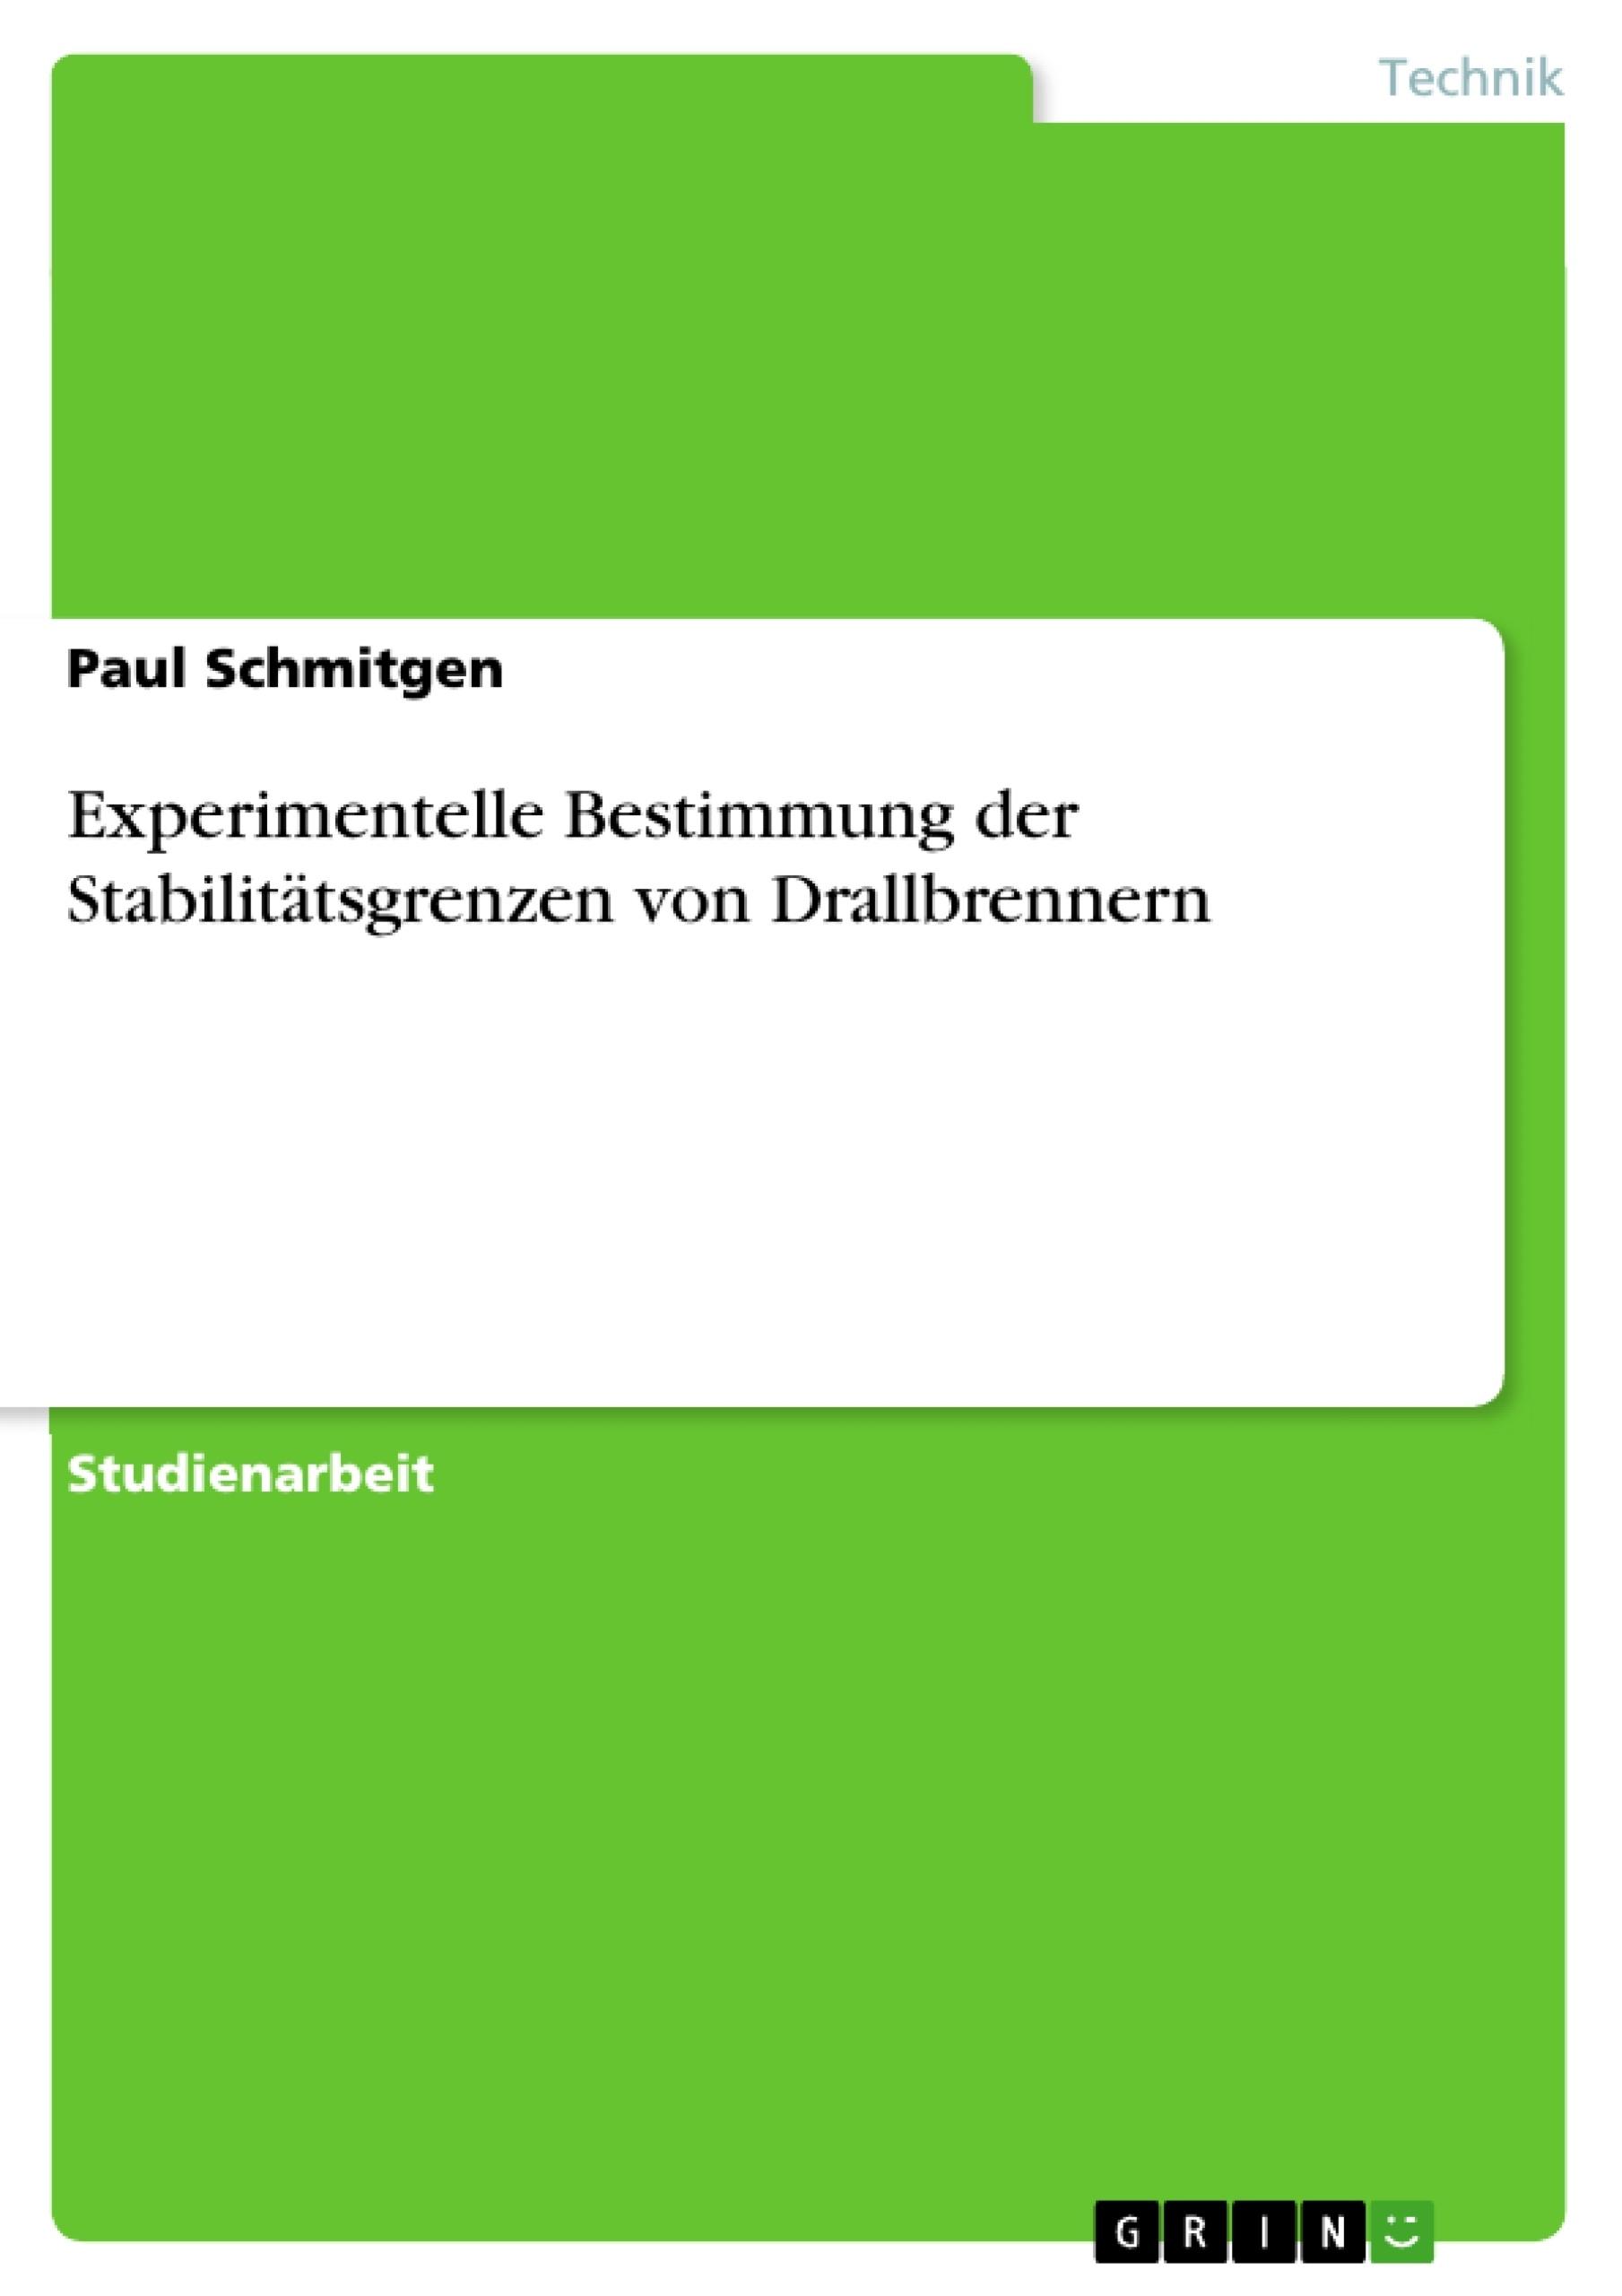 Titel: Experimentelle Bestimmung der Stabilitätsgrenzen von Drallbrennern